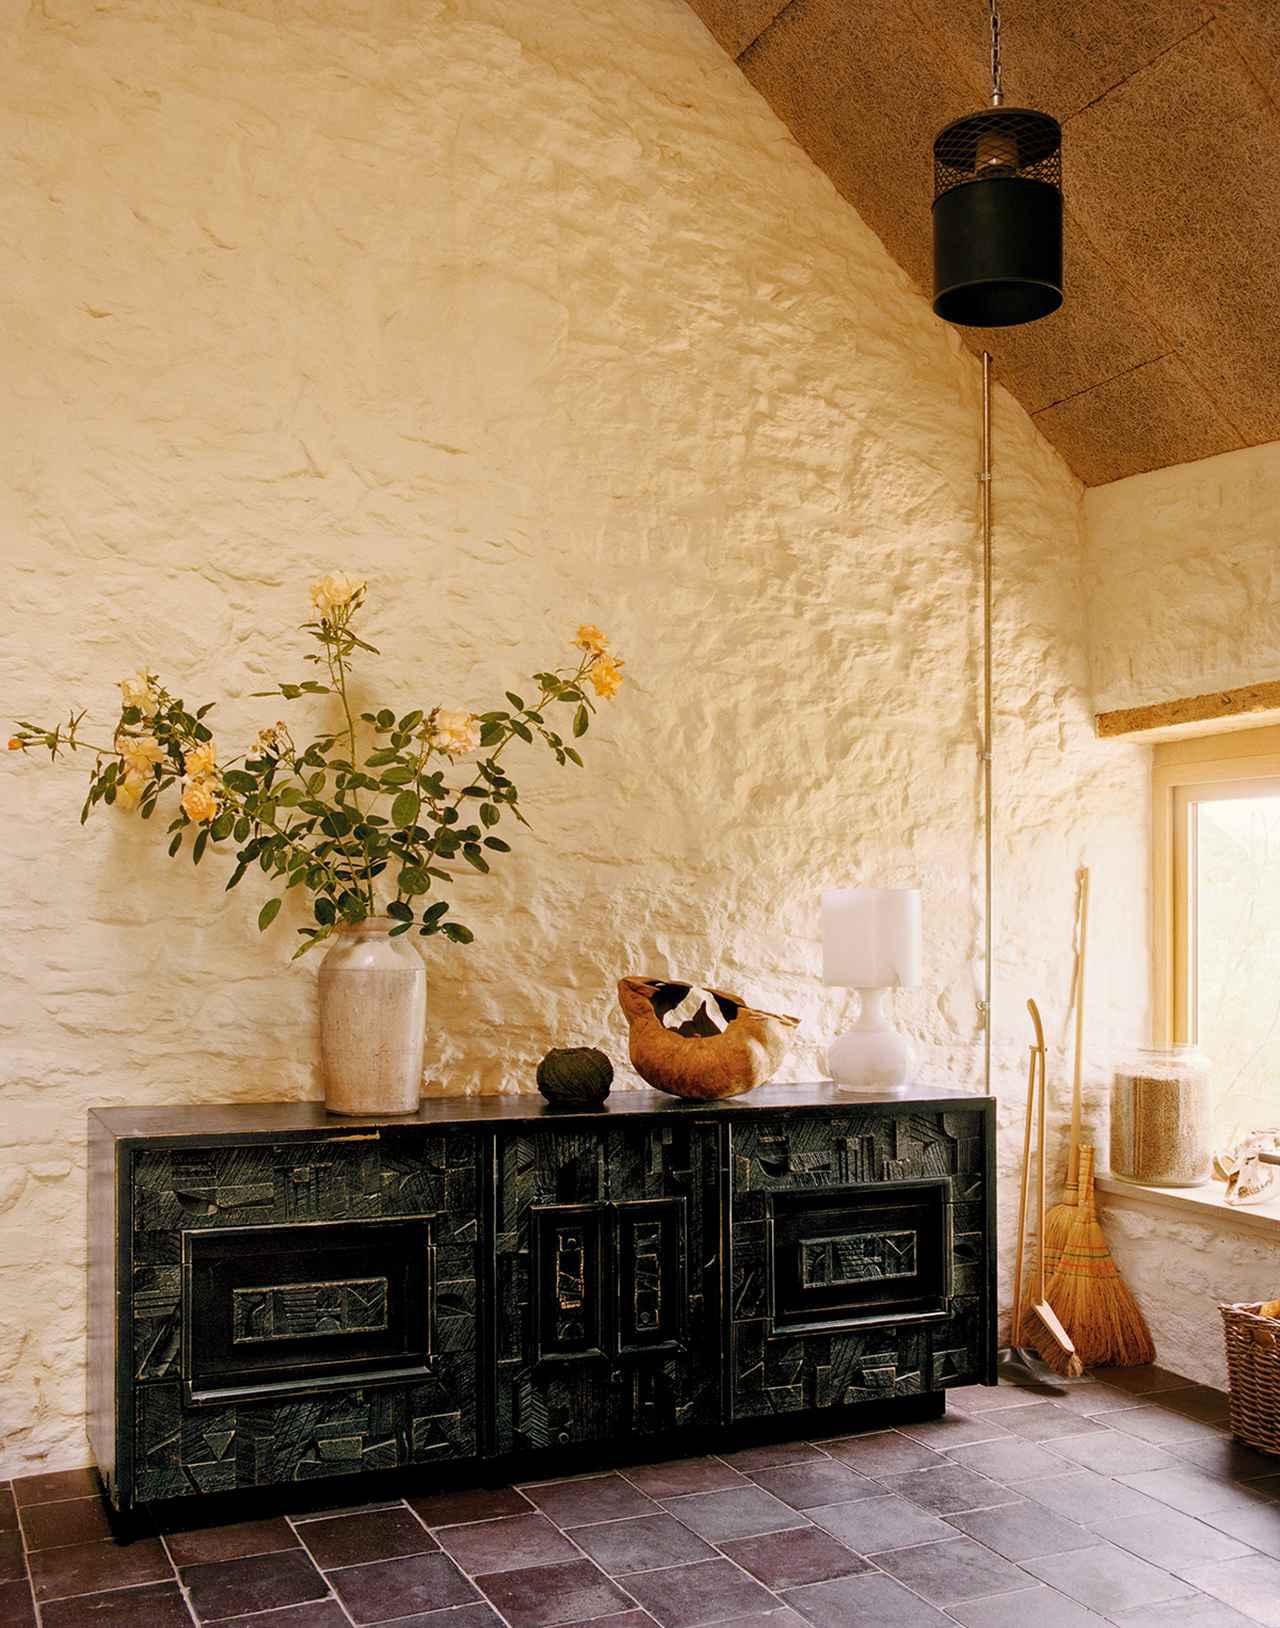 Images : 3番目の画像 - 「野花が咲き乱れ、風に揺れるーー ダン・ピアソンの自身が憩う庭」のアルバム - T JAPAN:The New York Times Style Magazine 公式サイト